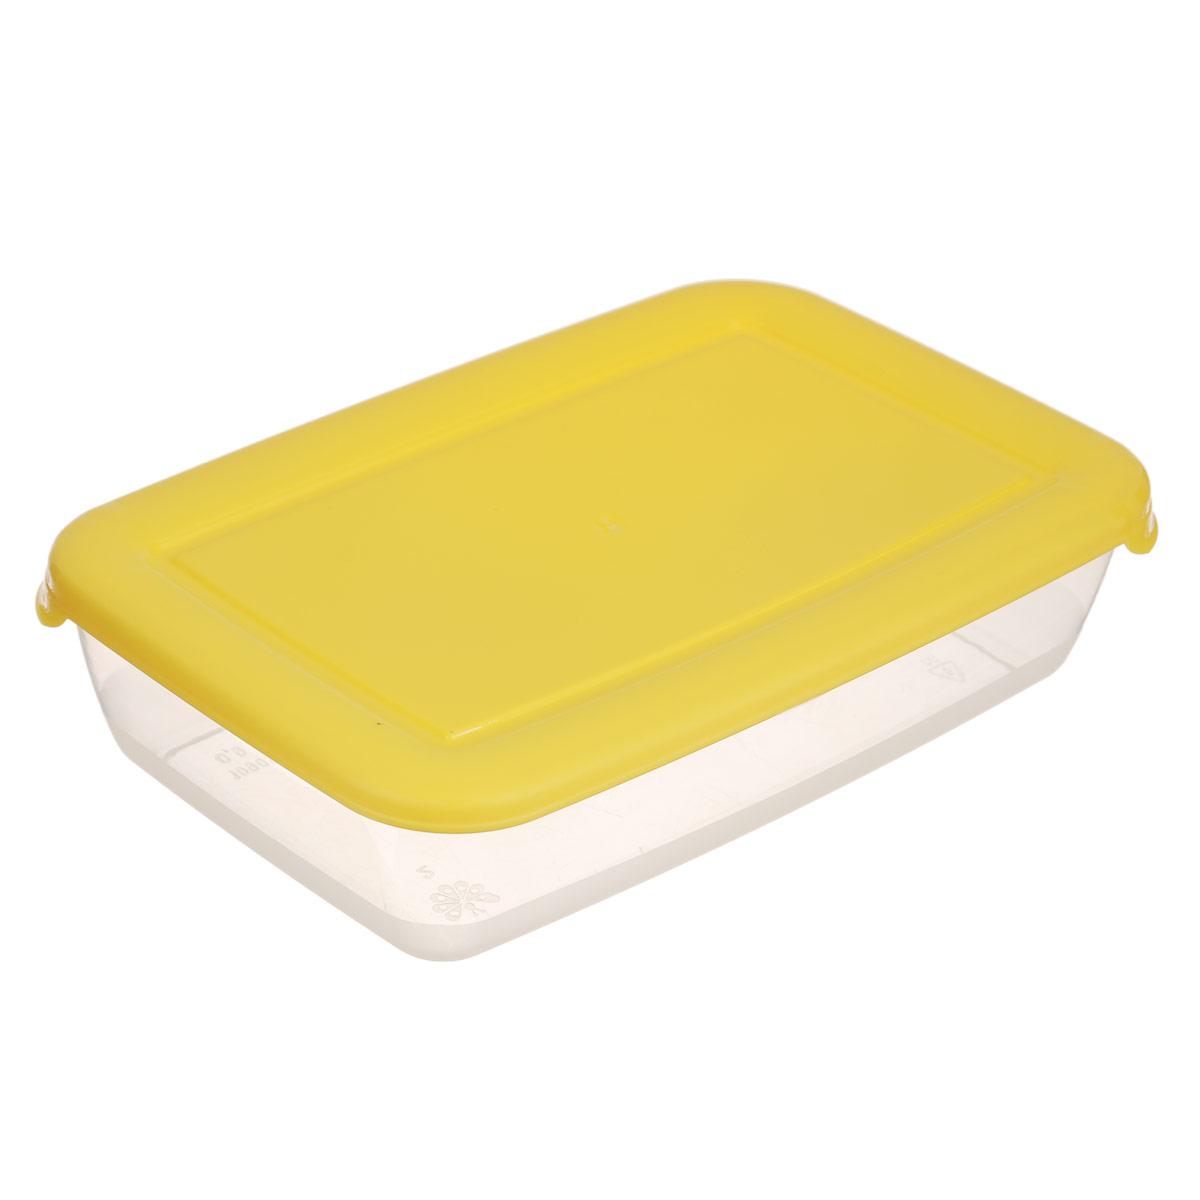 Контейнер для СВЧ Полимербыт Лайт, цвет: желтый, 900 млС552Прямоугольный контейнер для СВЧ Полимербыт Лайт изготовлен из высококачественного полипропилена, устойчивого к высоким температурам (до +120°С). Яркая цветная крышка плотно закрывается, дольше сохраняя продукты свежими и вкусными. Контейнер идеально подходит для хранения пищи, его удобно брать с собой на работу, учебу, пикник или просто использовать для хранения пищи в холодильнике. Можно использовать в микроволновой печи и для заморозки в морозильной камере при минимальной температуре -40°С. Можно мыть в посудомоечной машине.